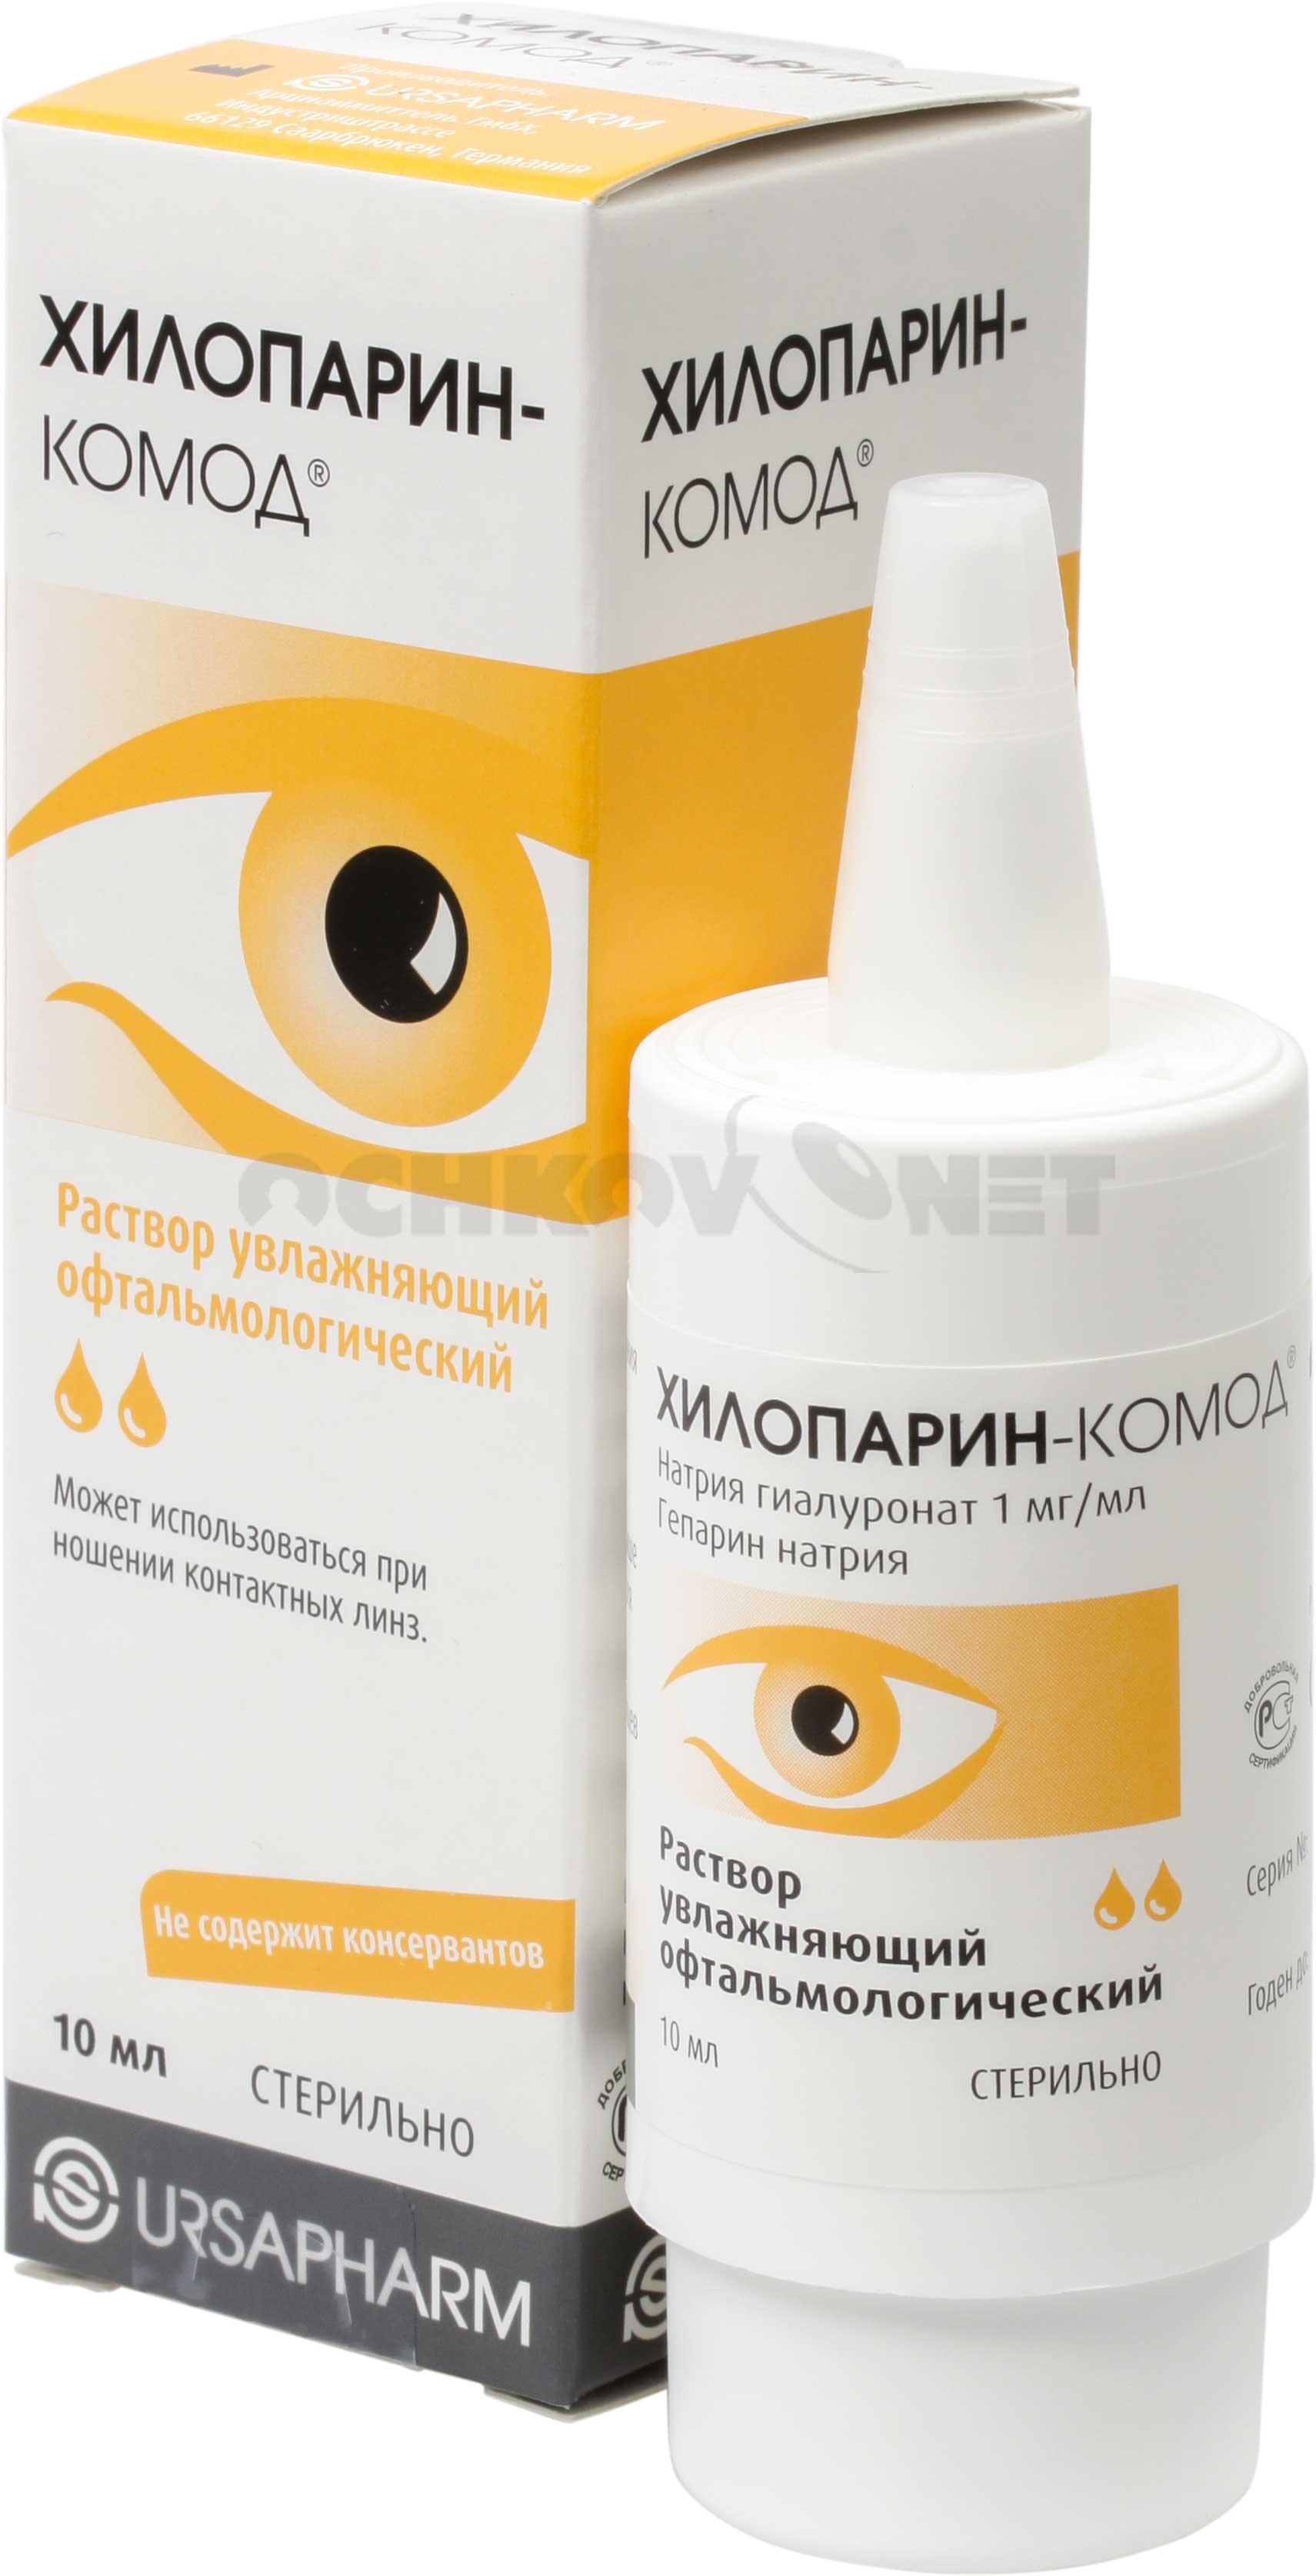 Вид-комод капли глазные - инструкция, отзывы, аналоги и цена